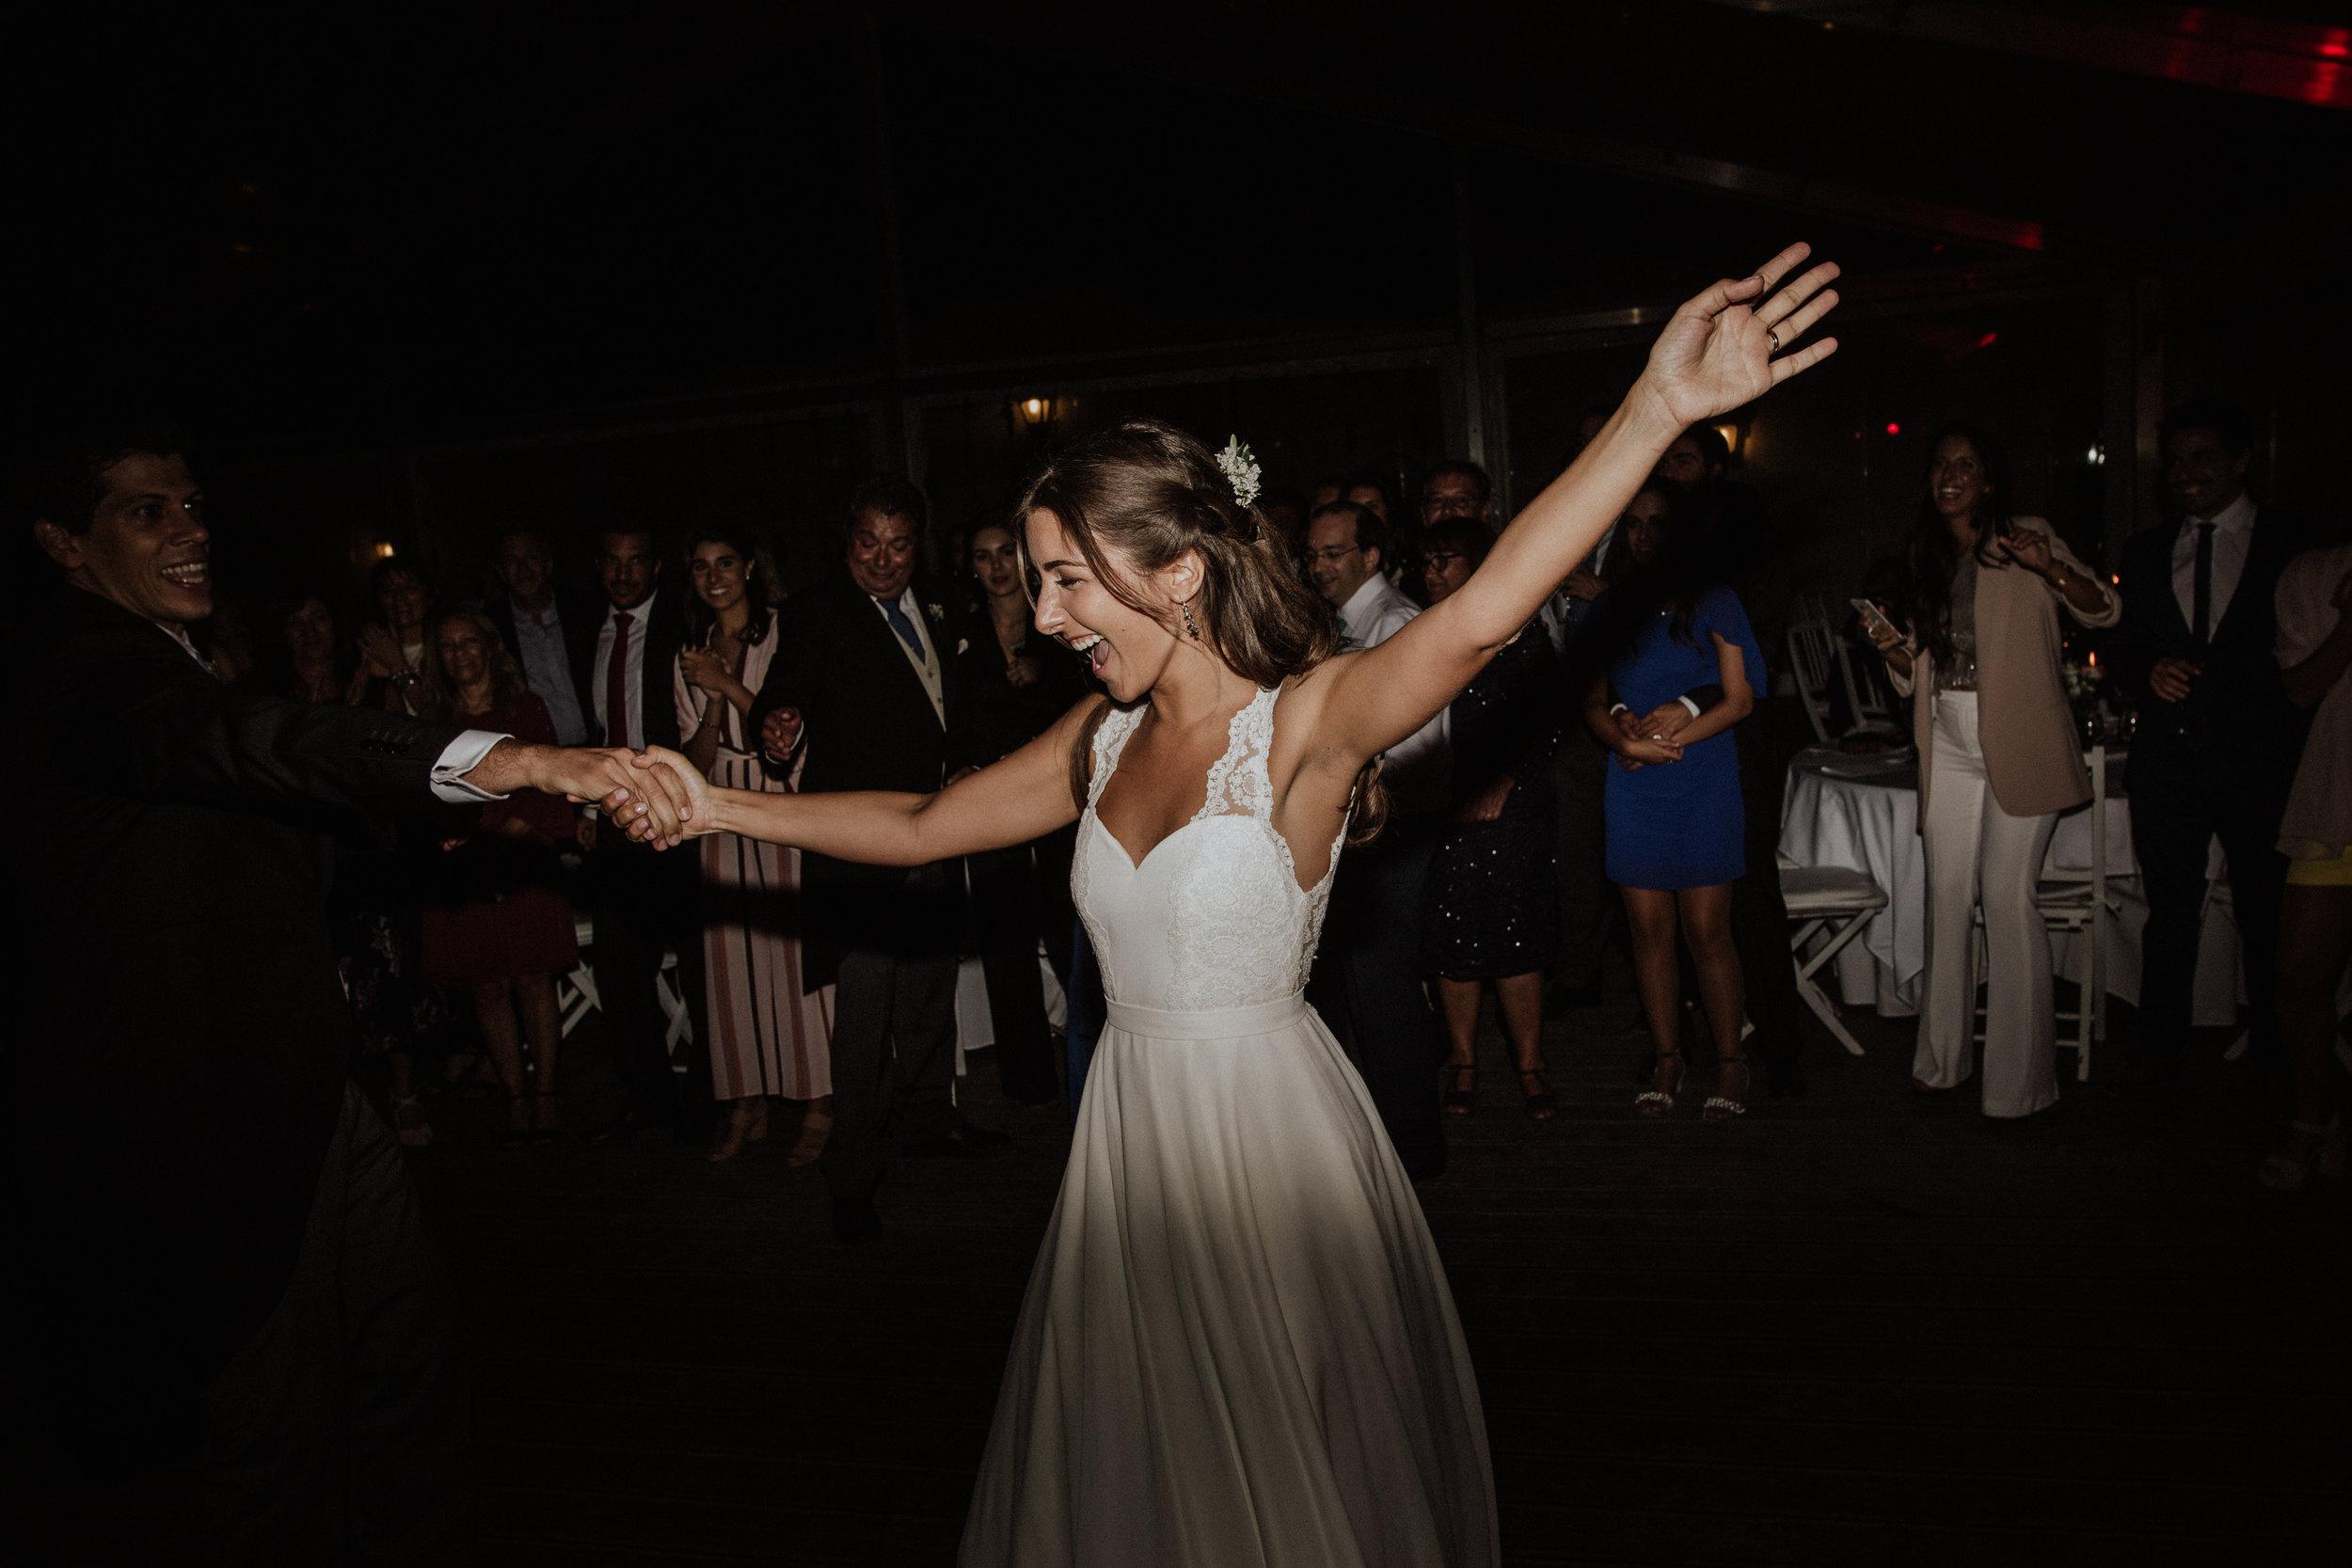 I&J_807_ 15_julho_2018 WEDDING DAY.jpg